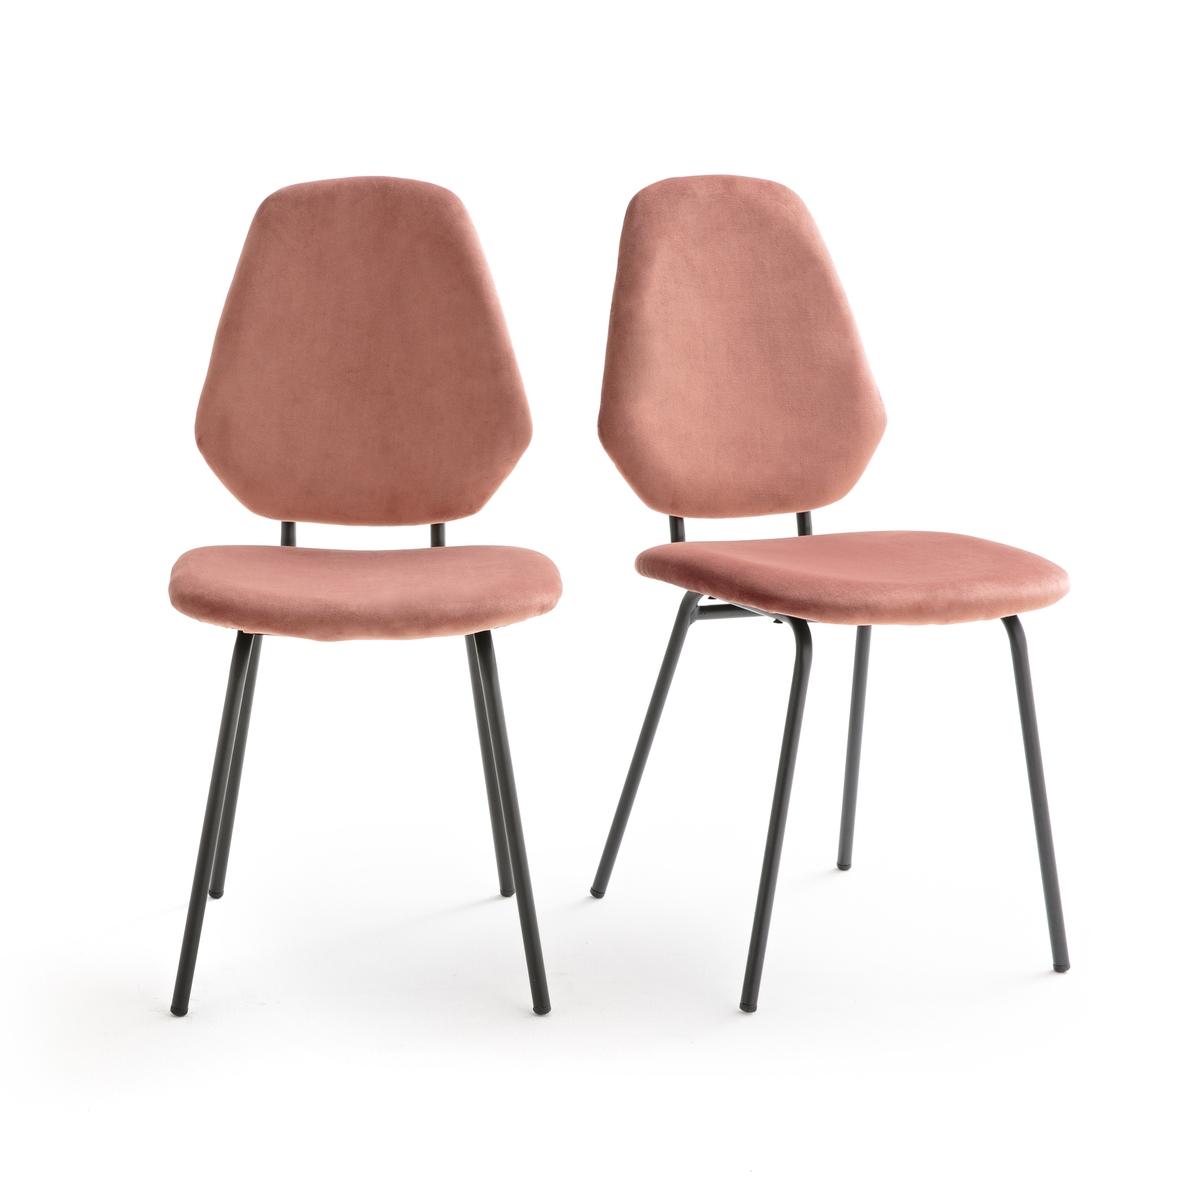 2 стула в винтажном стиле из велюра DIAMOND кресло низкое и широкое в винтажном стиле из велюра с бахромой ramona